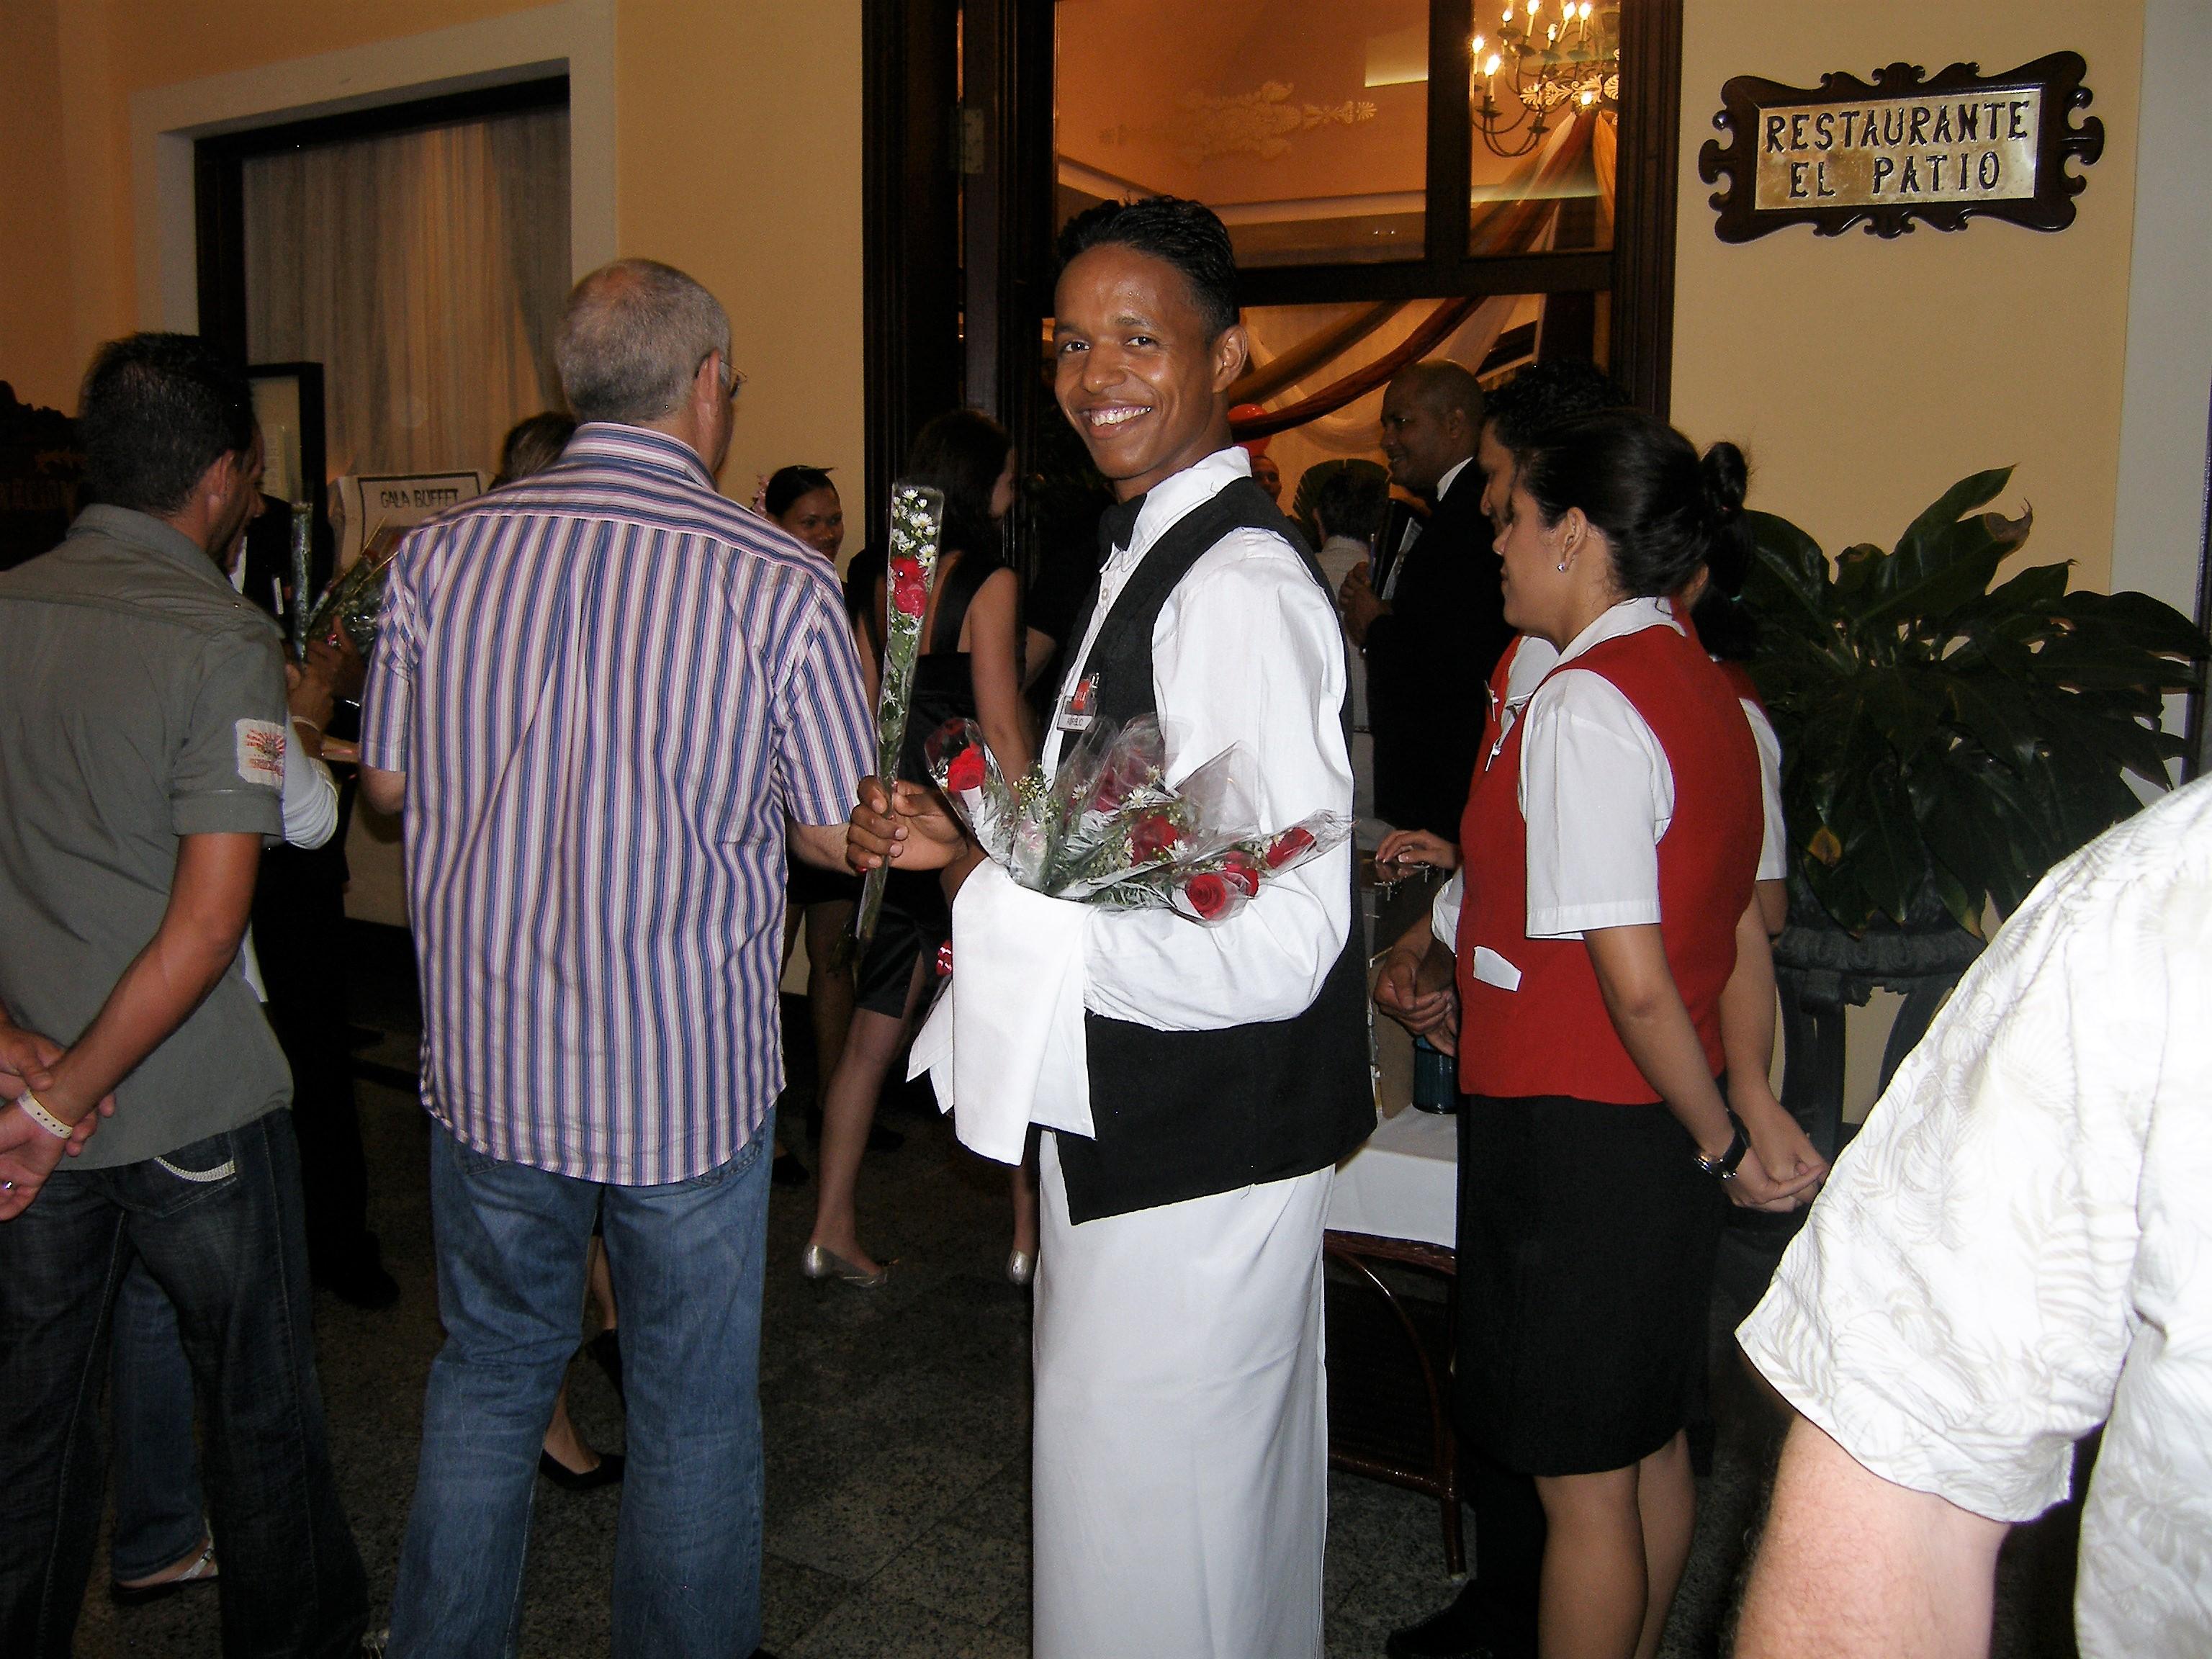 La amabilidad de los dominicanos es una característica destacable